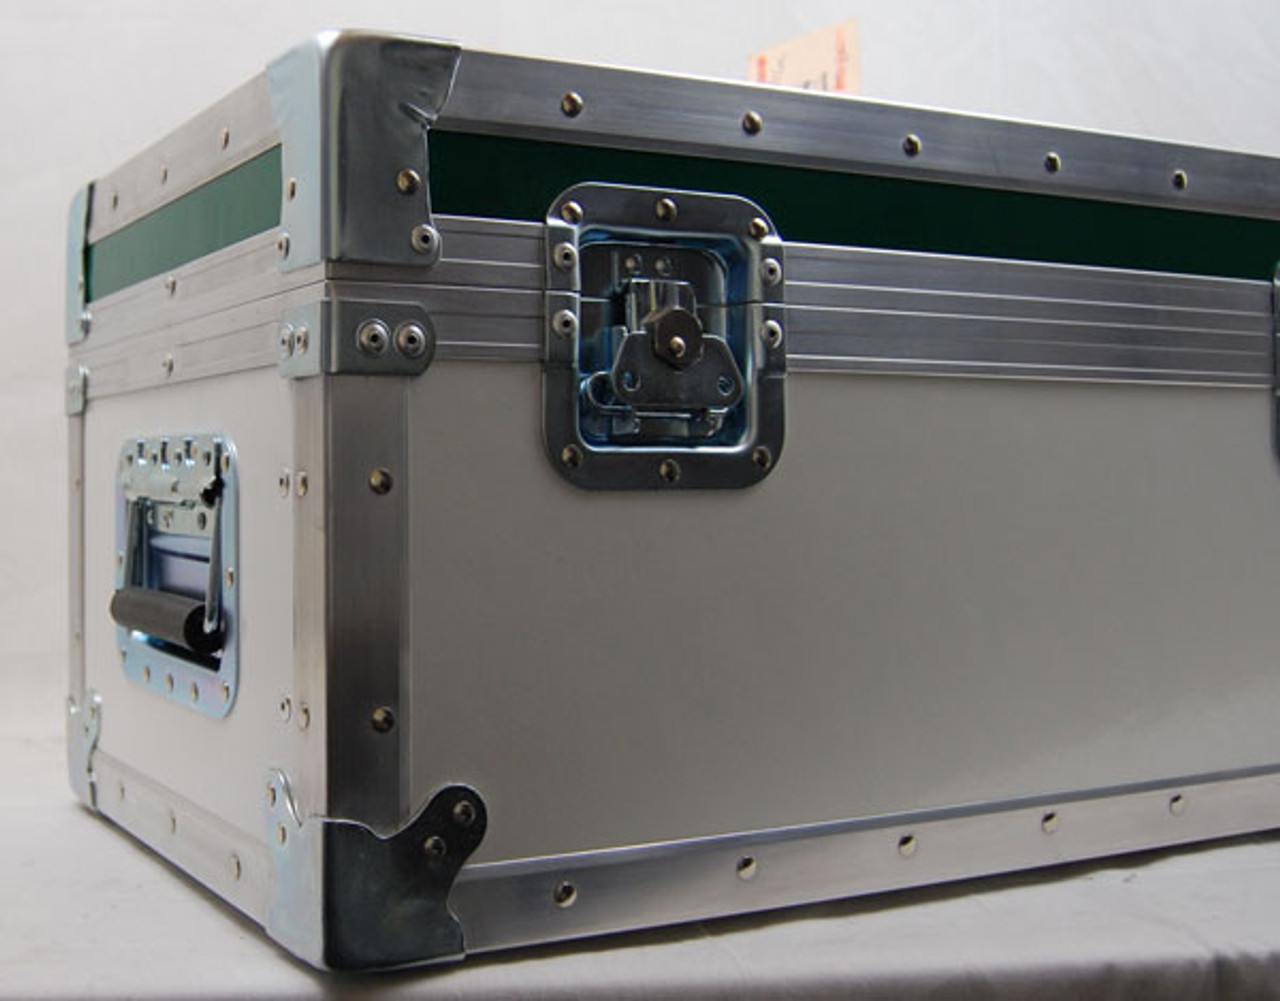 Arri/Fuji Alura 45-250 2.6 Lens Custom ATA Shipping Case Side